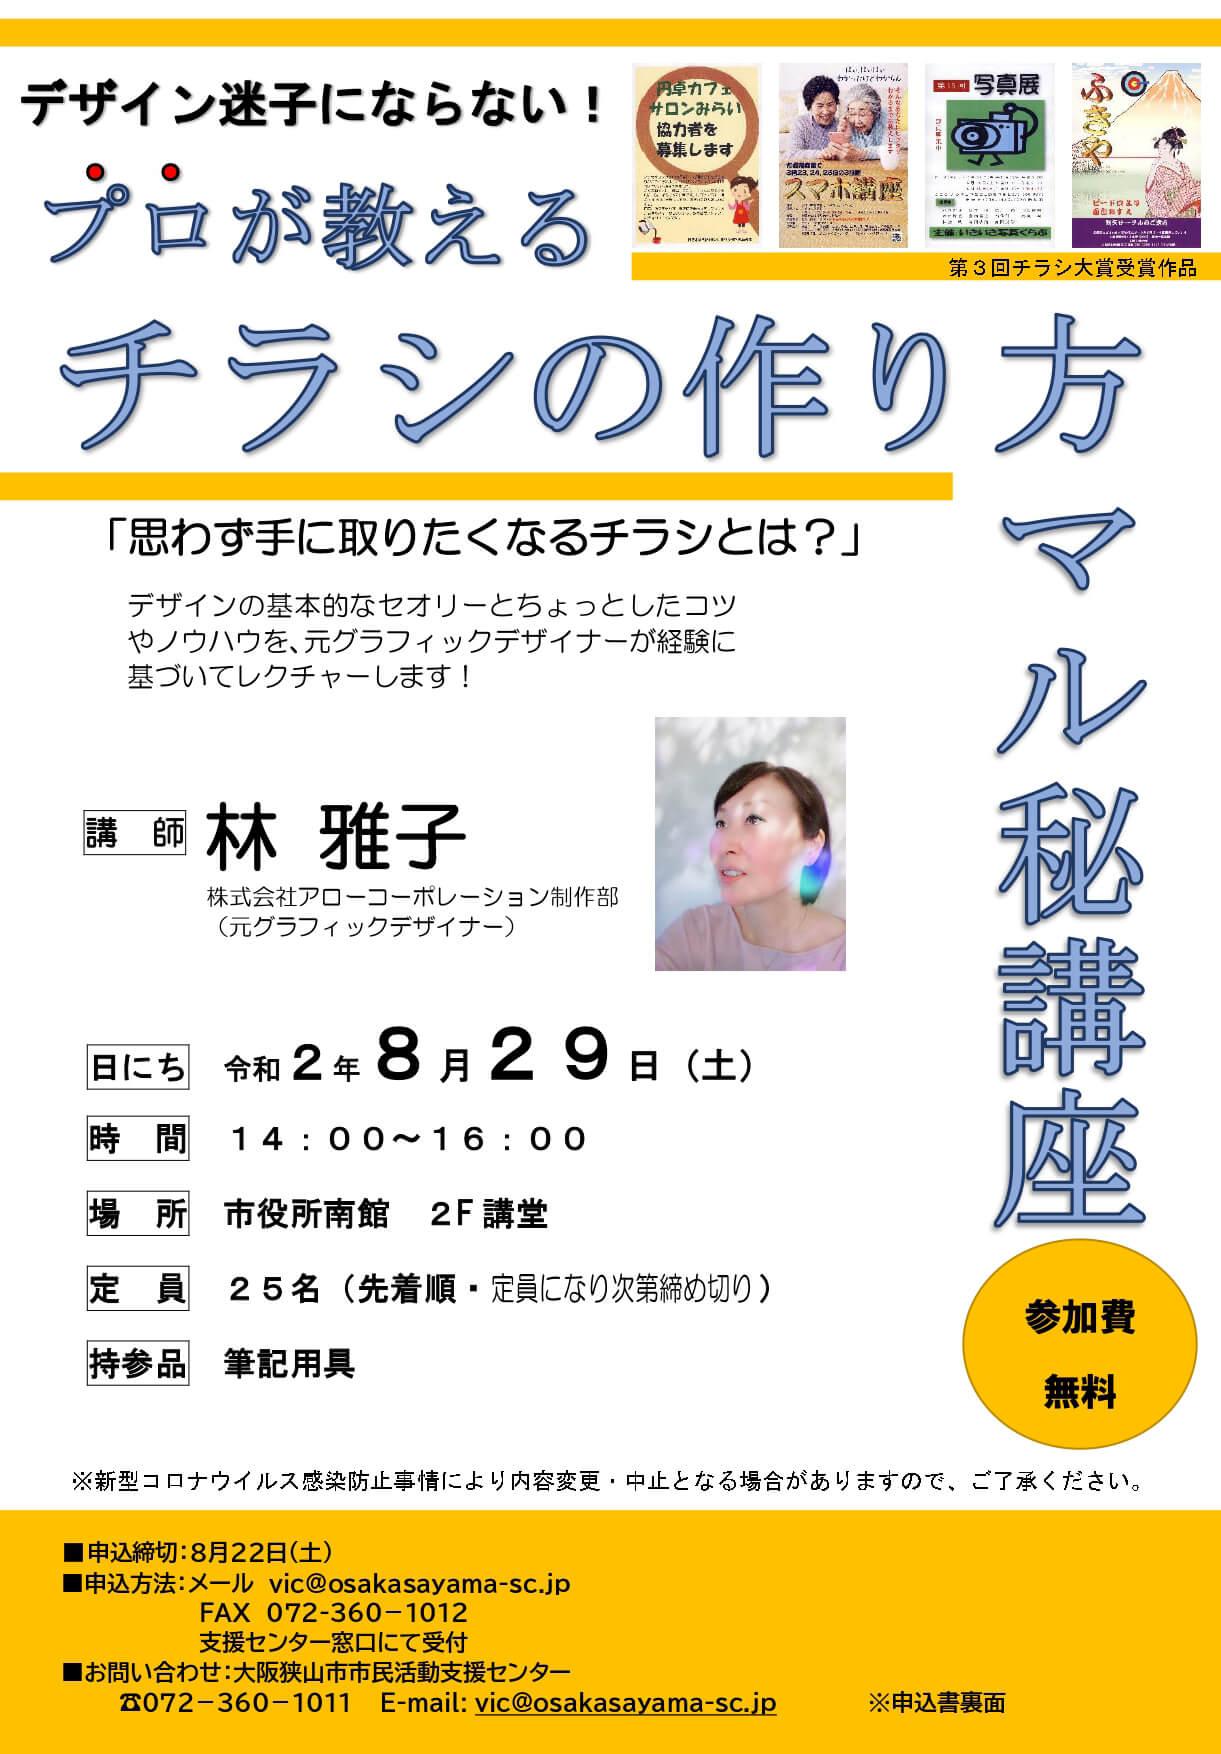 参加費無料「プロが教える!チラシの作り方マル秘講座」が大阪狭山市役所南館で開催されます (1)